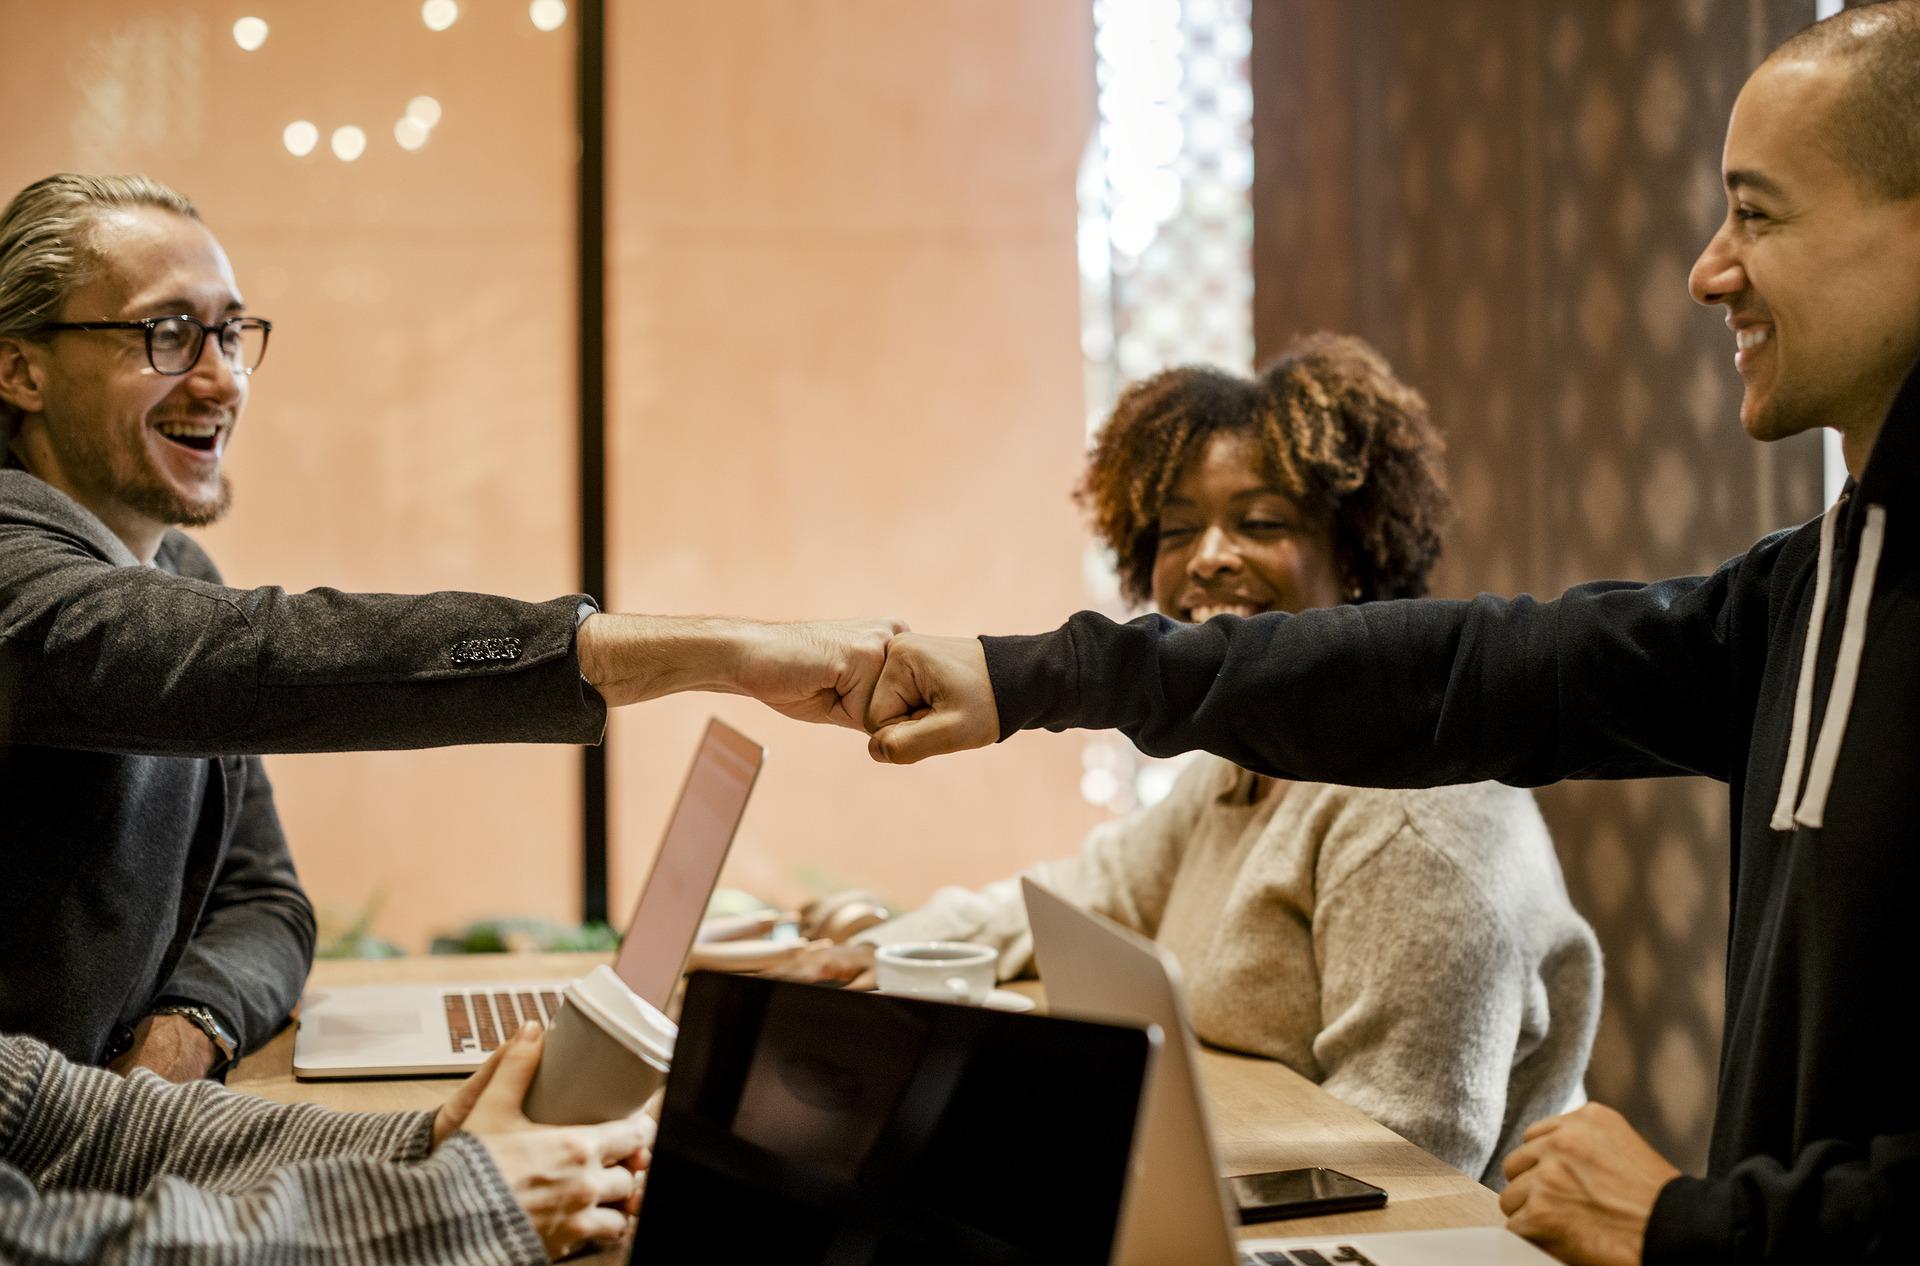 会議を効率化しよう!による生産性向上のヒントとは?